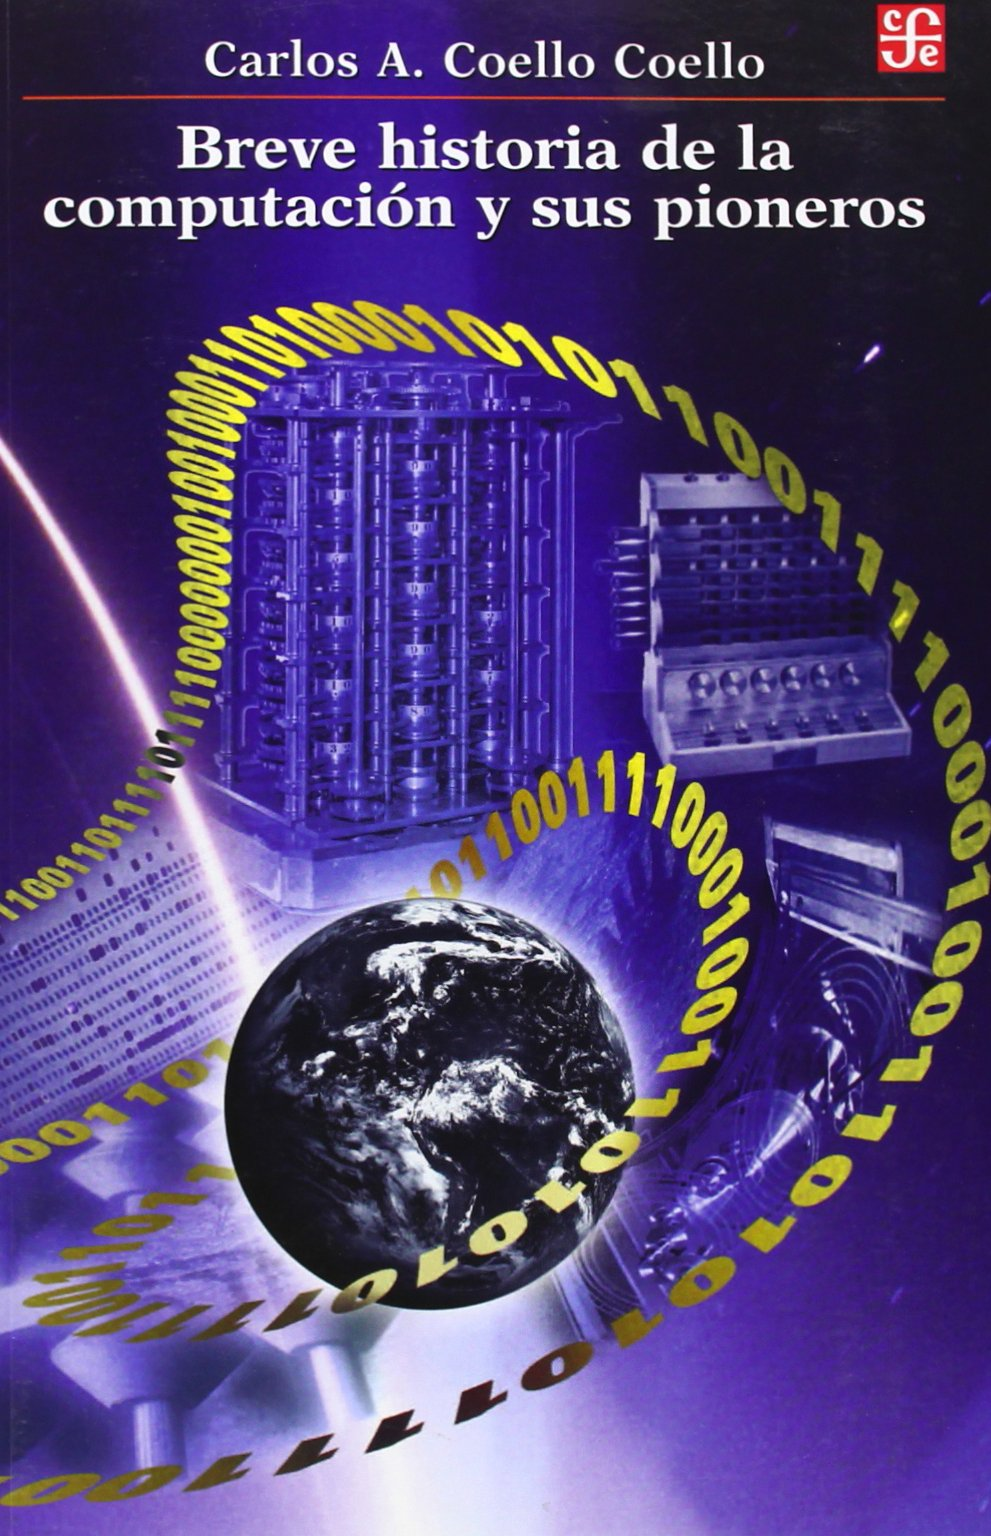 Breve historia de la computación y sus pioneros de Carlos A. Coello Coello